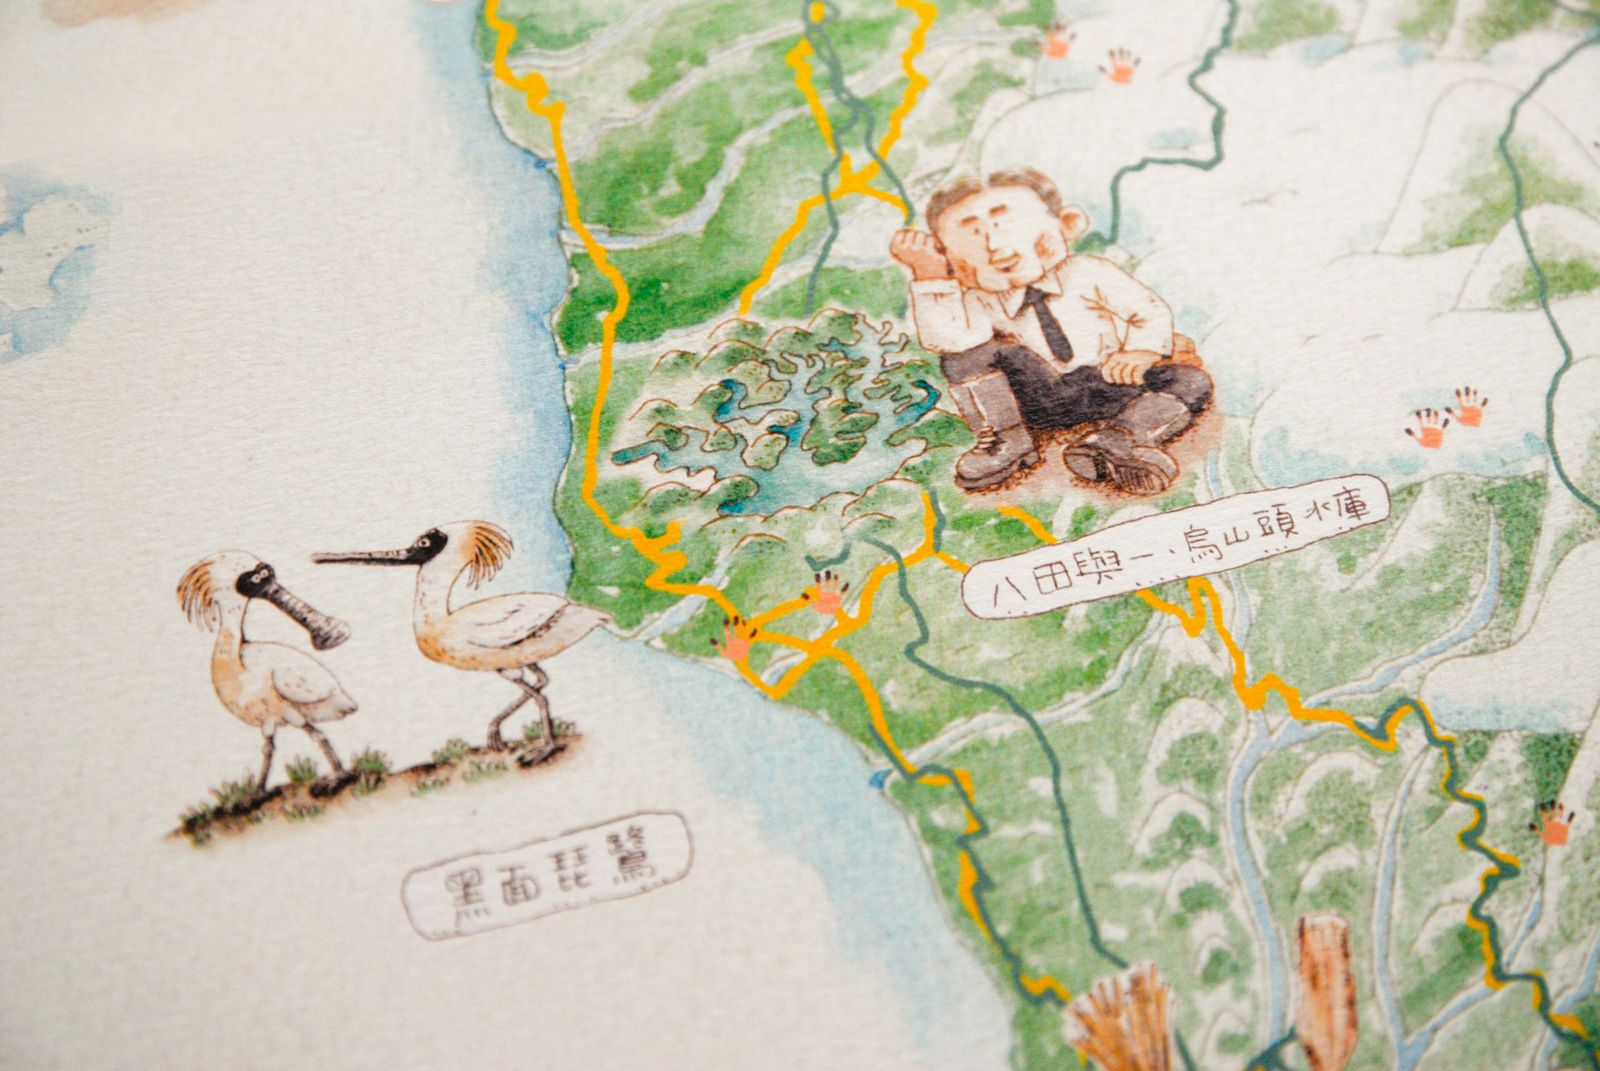 2018 台灣 守護地圖 (10張合購)3